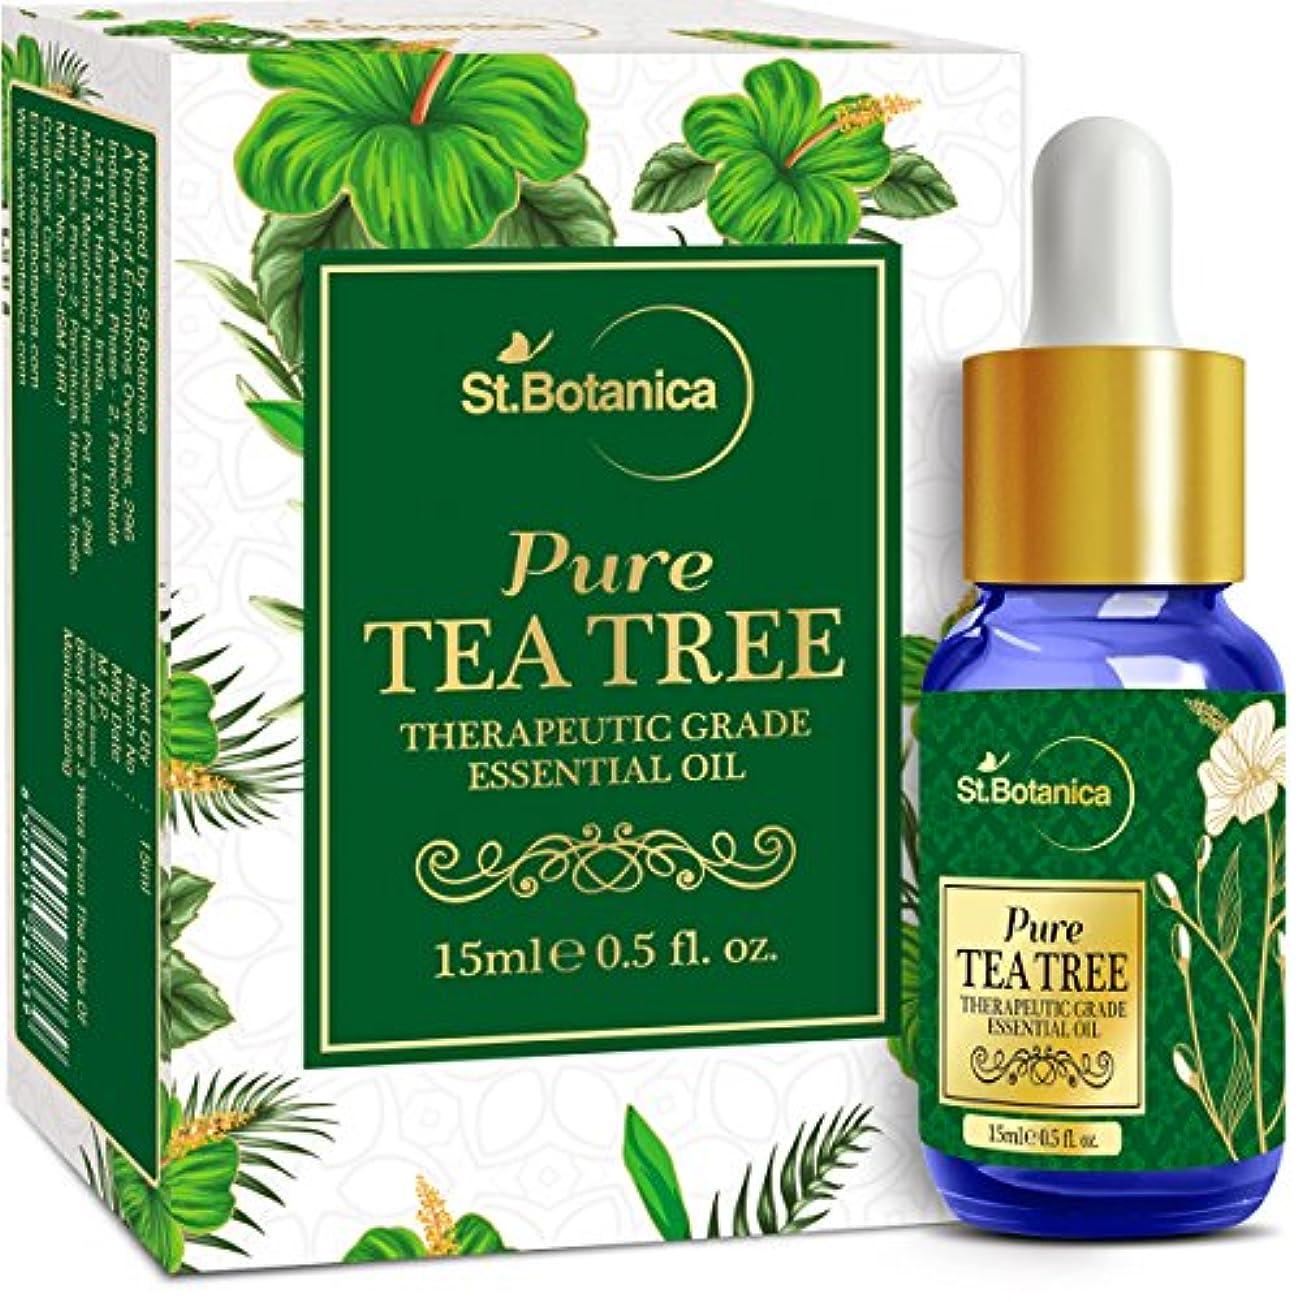 退却ロケット避けられないStBotanica Pure Tea Tree Essential Oil, 15ml